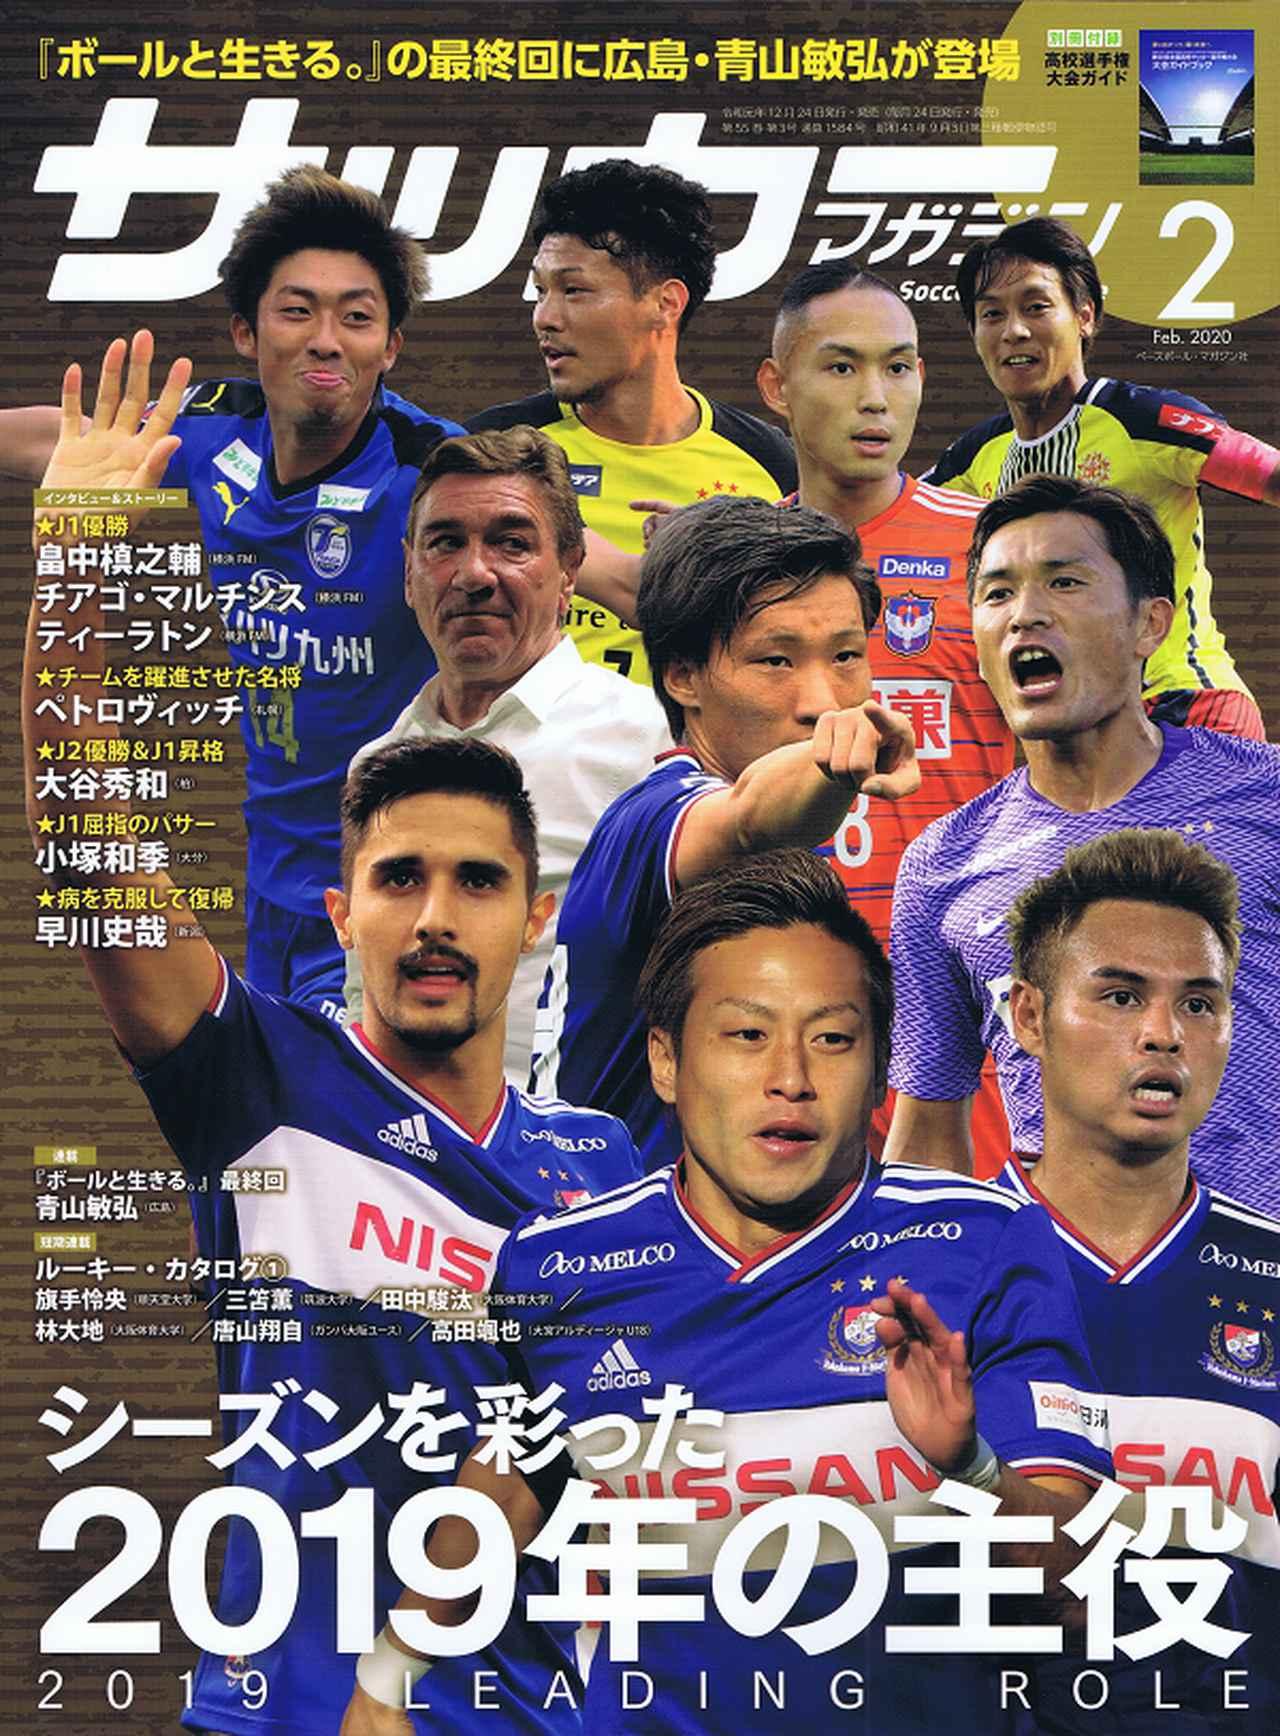 画像: 【Amazonからのご購入】 サッカーマガジン 2月号 www.amazon.co.jp